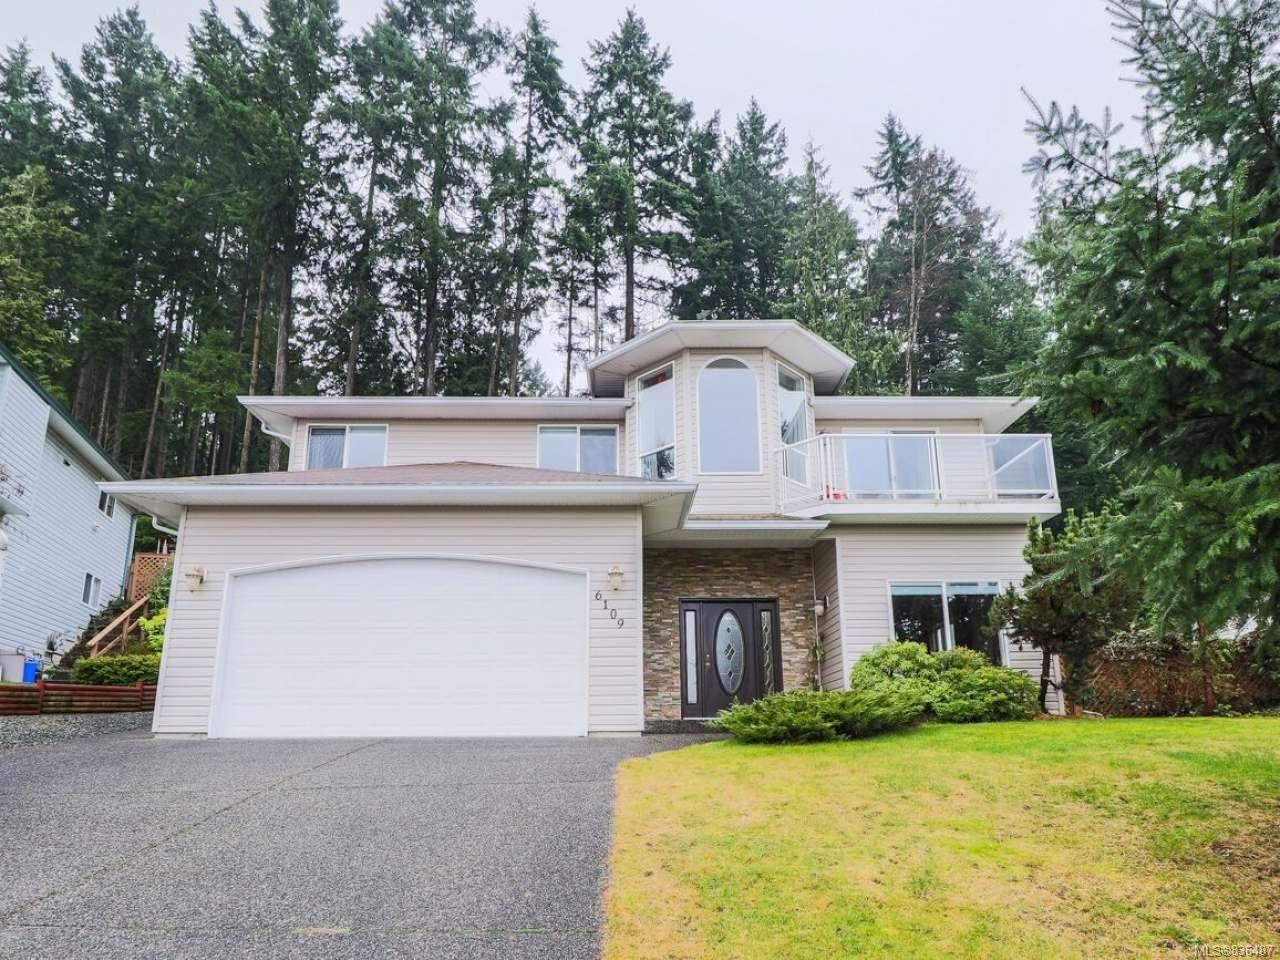 Main Photo: 6109 Carlton Rd in NANAIMO: Na North Nanaimo House for sale (Nanaimo)  : MLS®# 836487